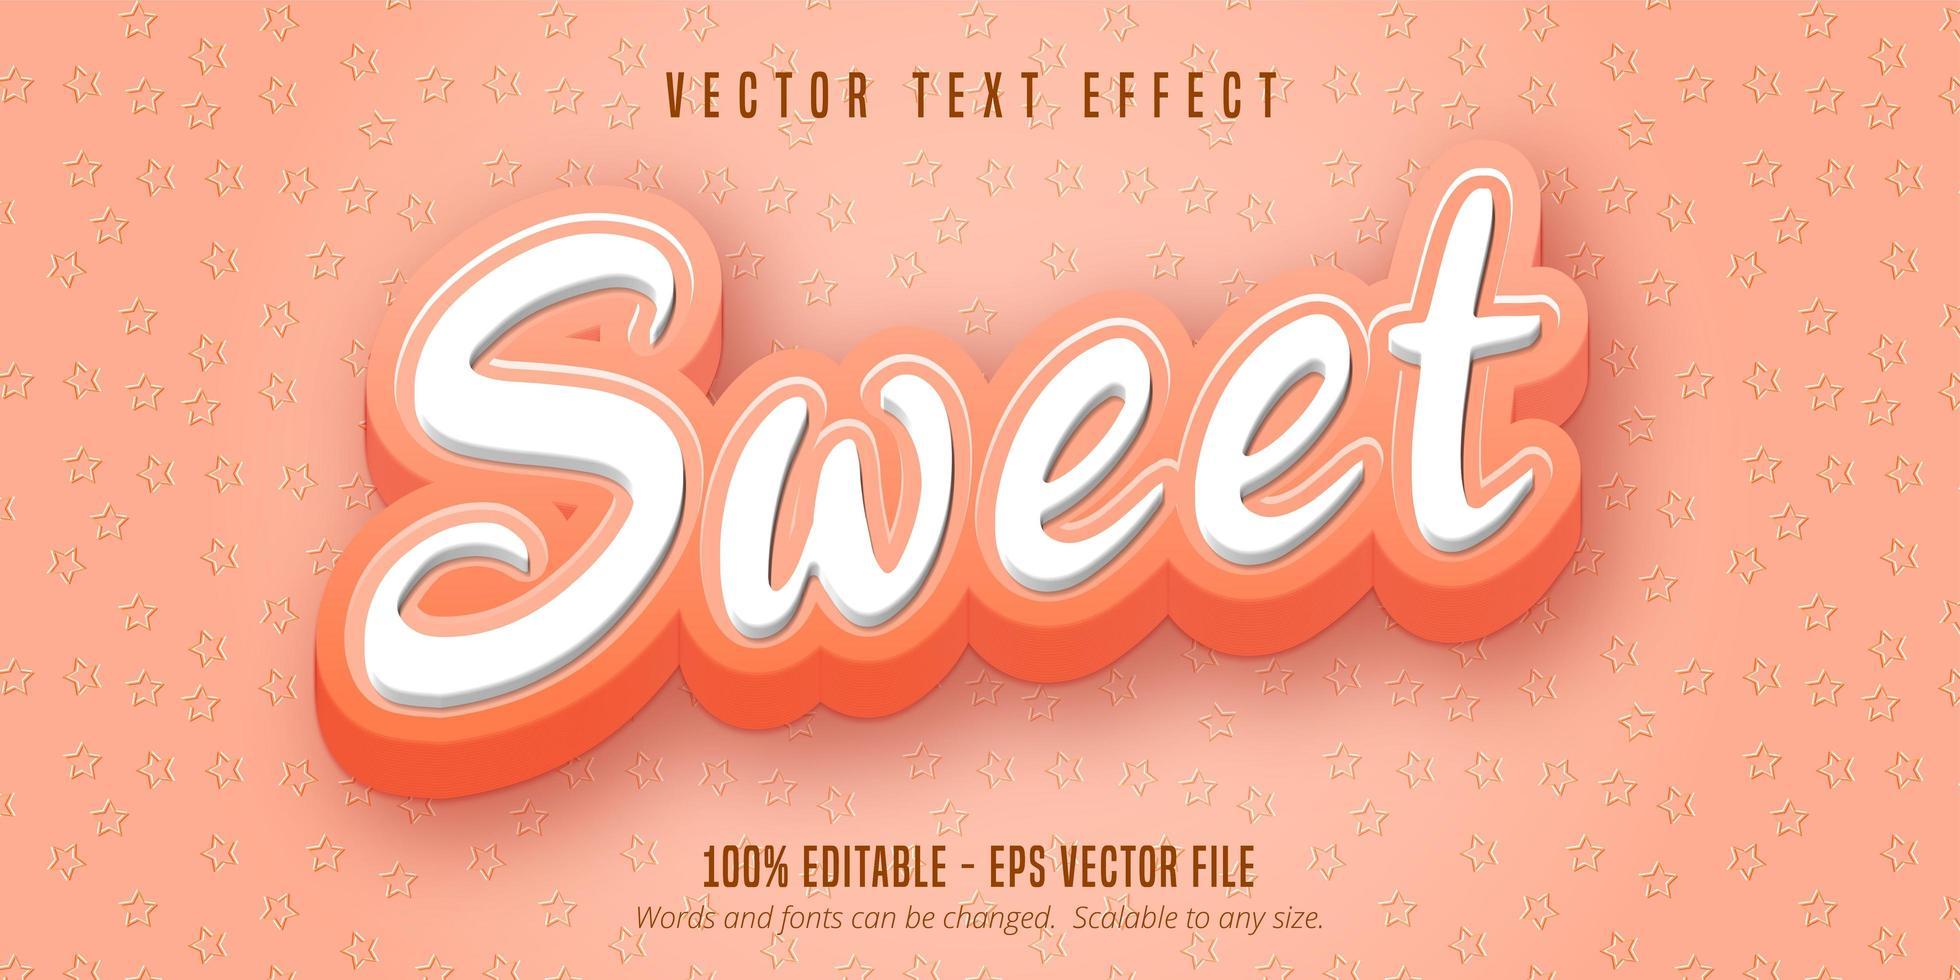 testo rosa dolce, effetto testo in stile cartone animato vettore